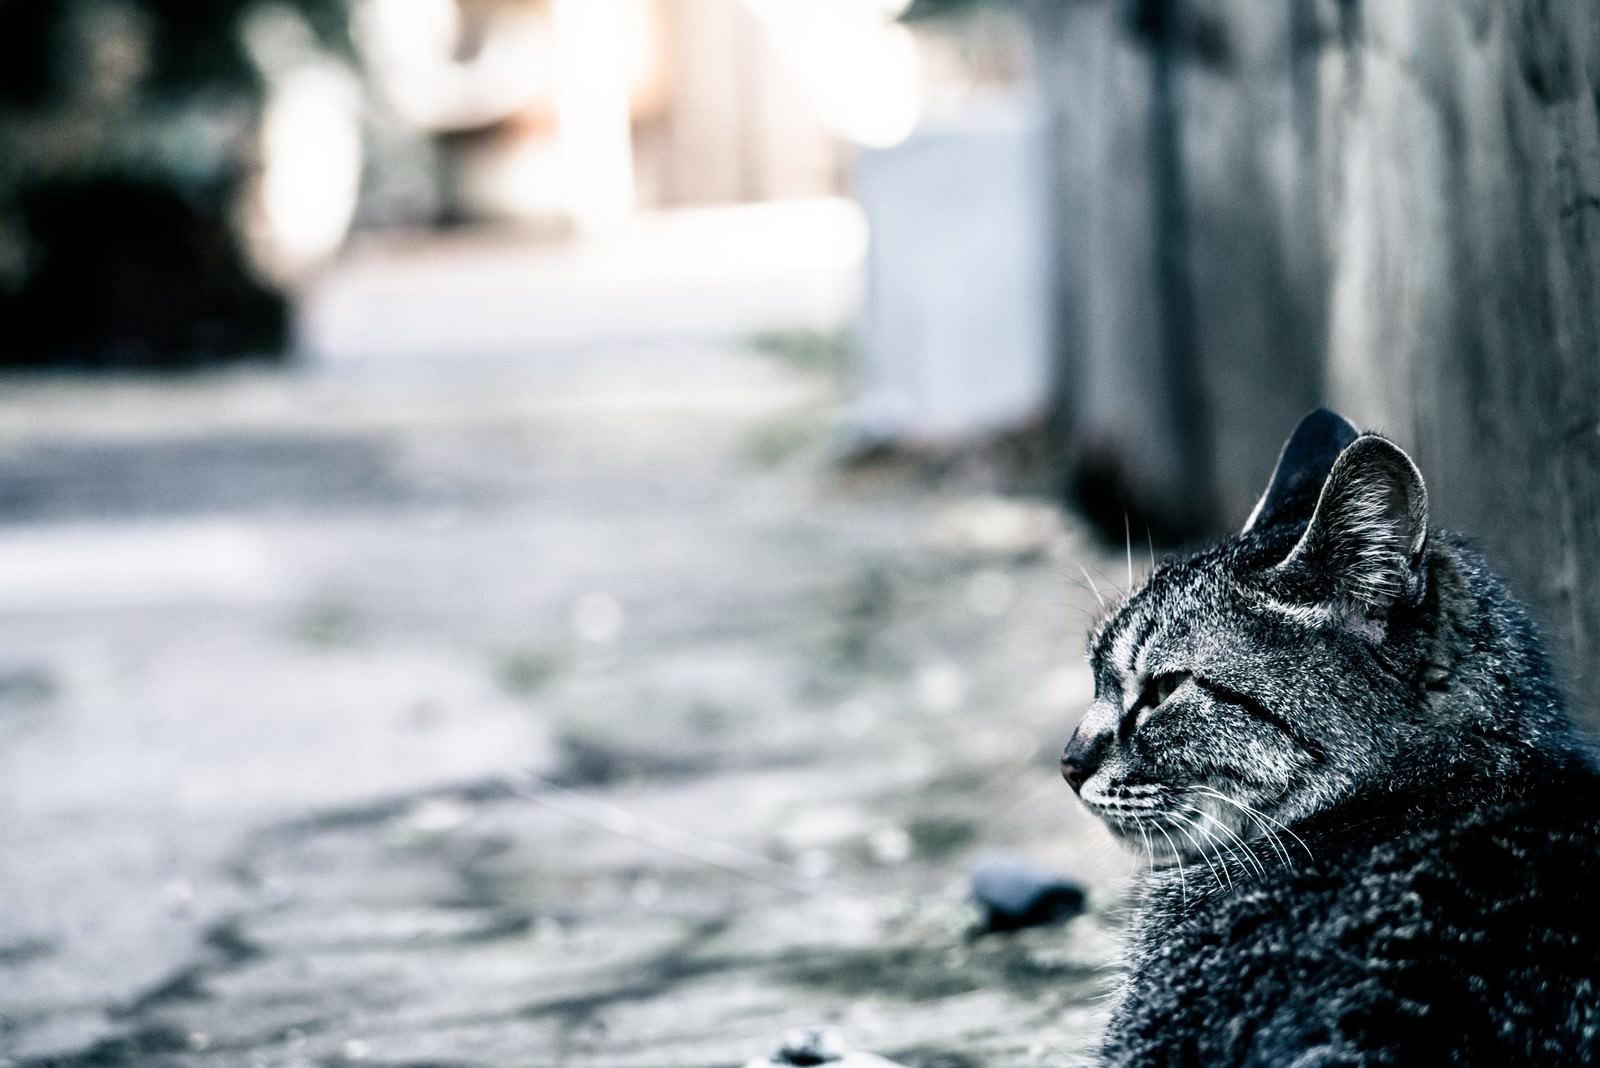 「路上でぼっち猫」の写真